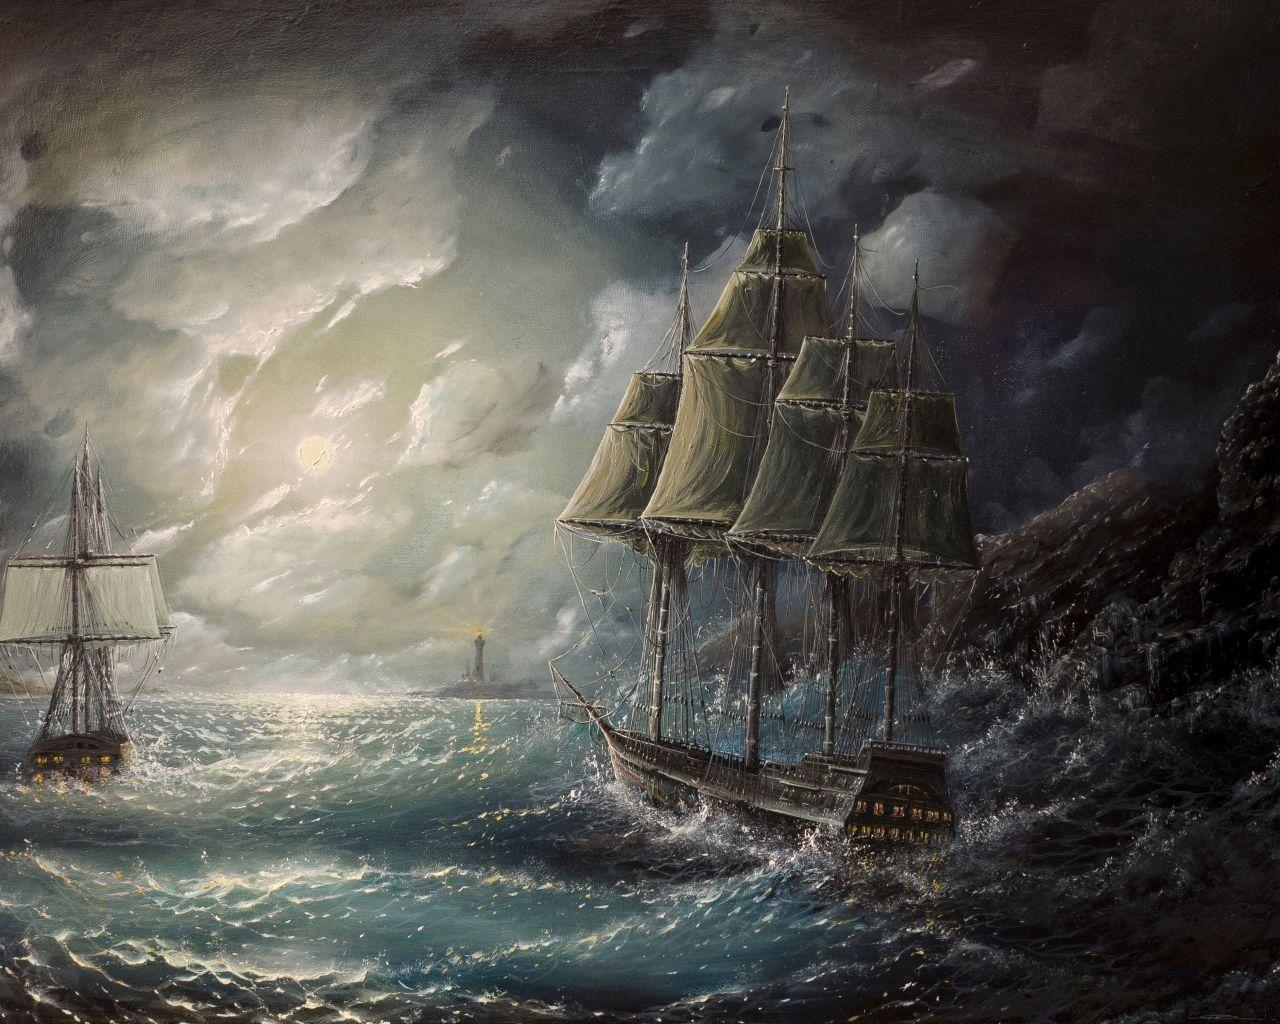 море, парус, рисунок, арт, шторм | Корабли и океаны в 2019 ...